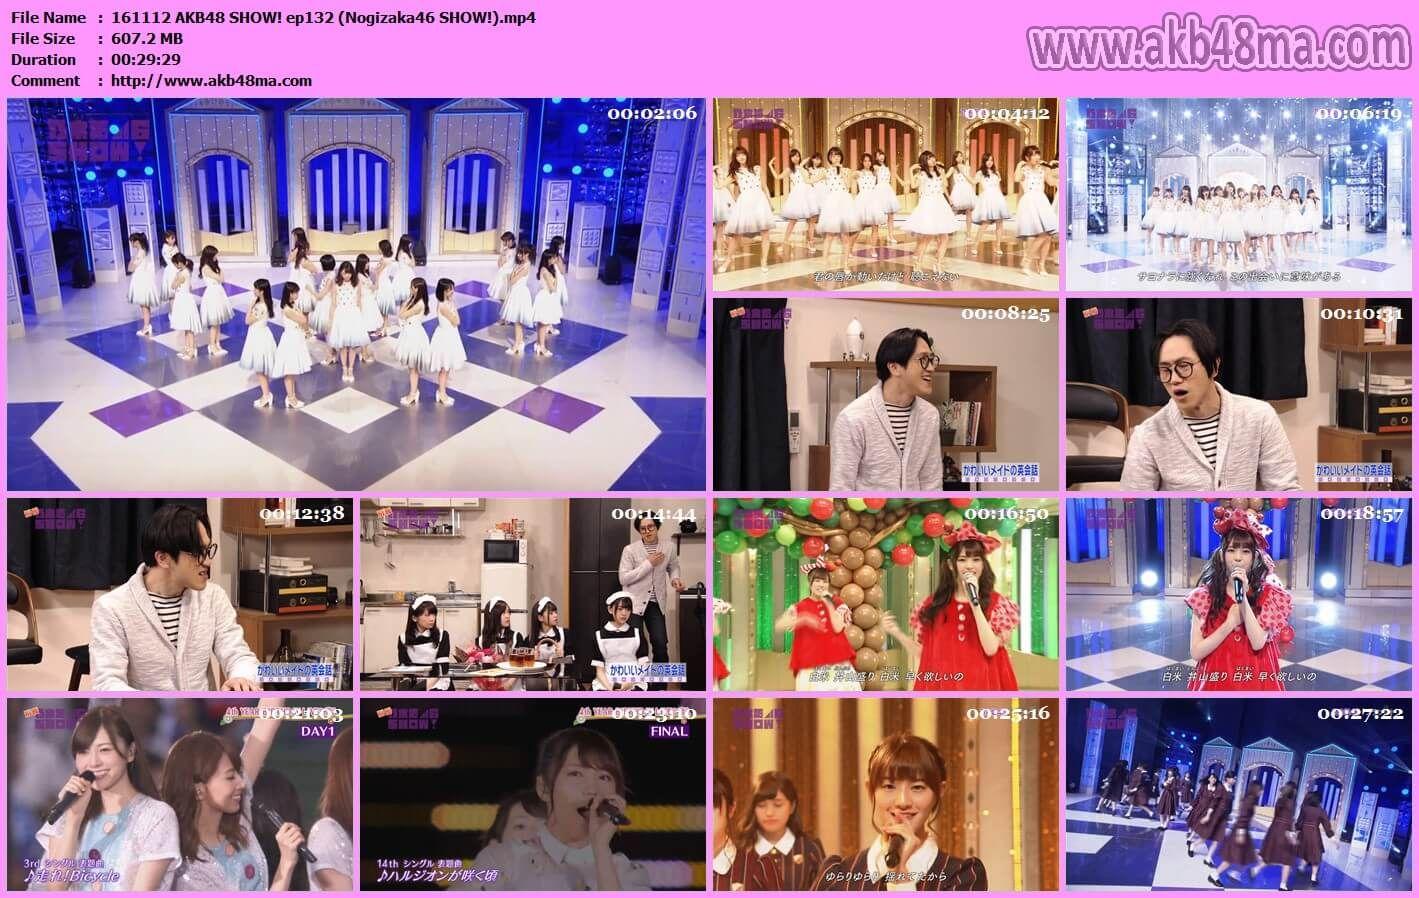 バラエティ番組161112 AKB48 SHOW(Nogizaka46 SHOW!)#132.mp4 (AKB48G ...